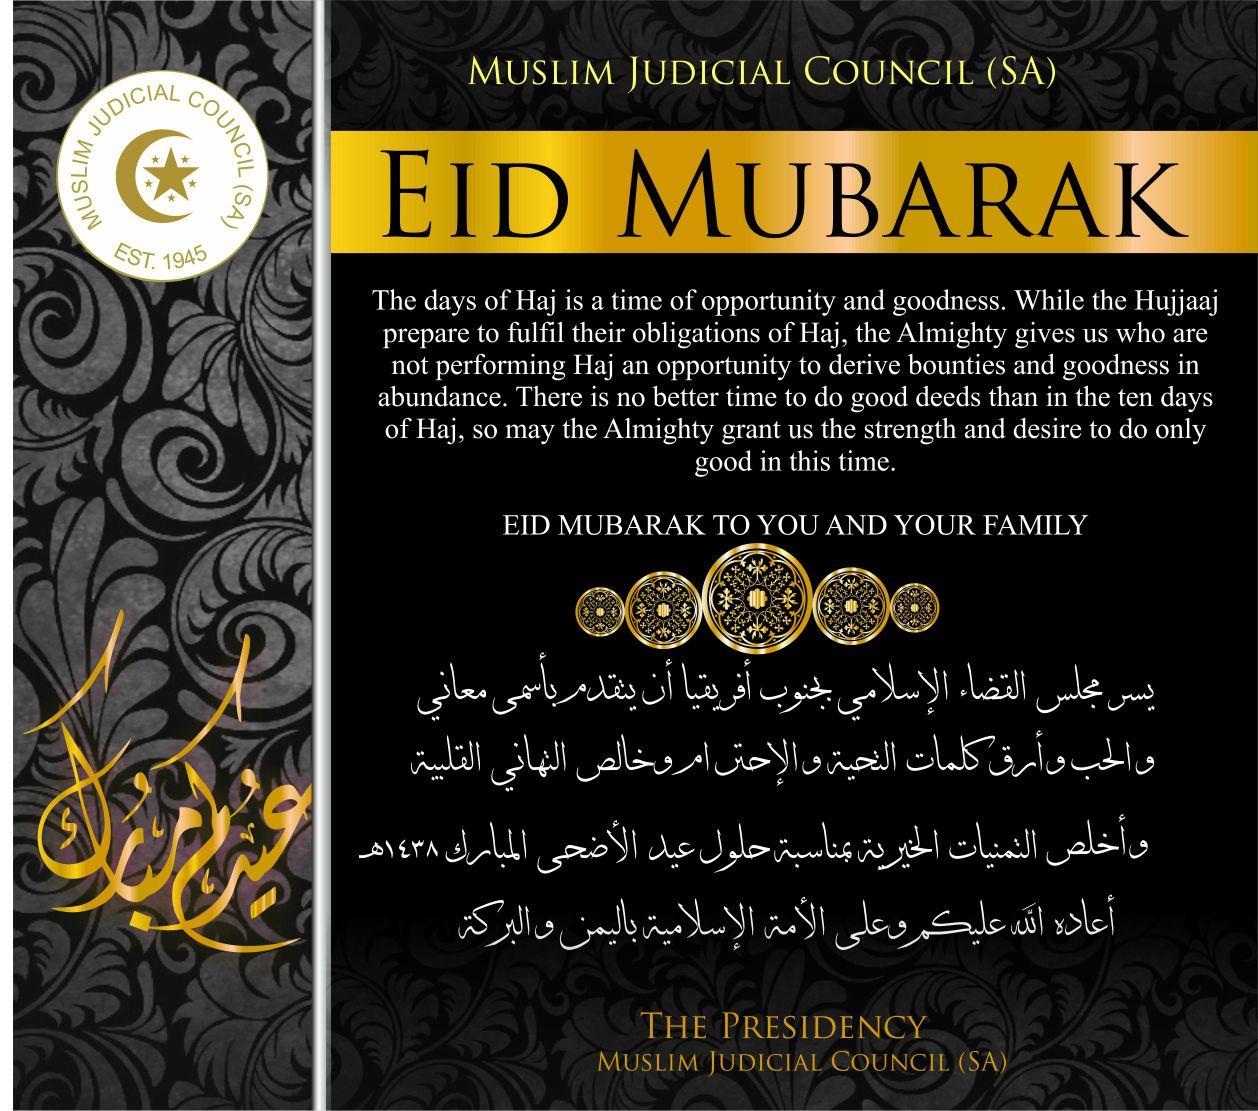 eid mubarak from the mjc (sa) - IMG 20170830 WA0000 - EID MUBARAK FROM THE MJC (SA)